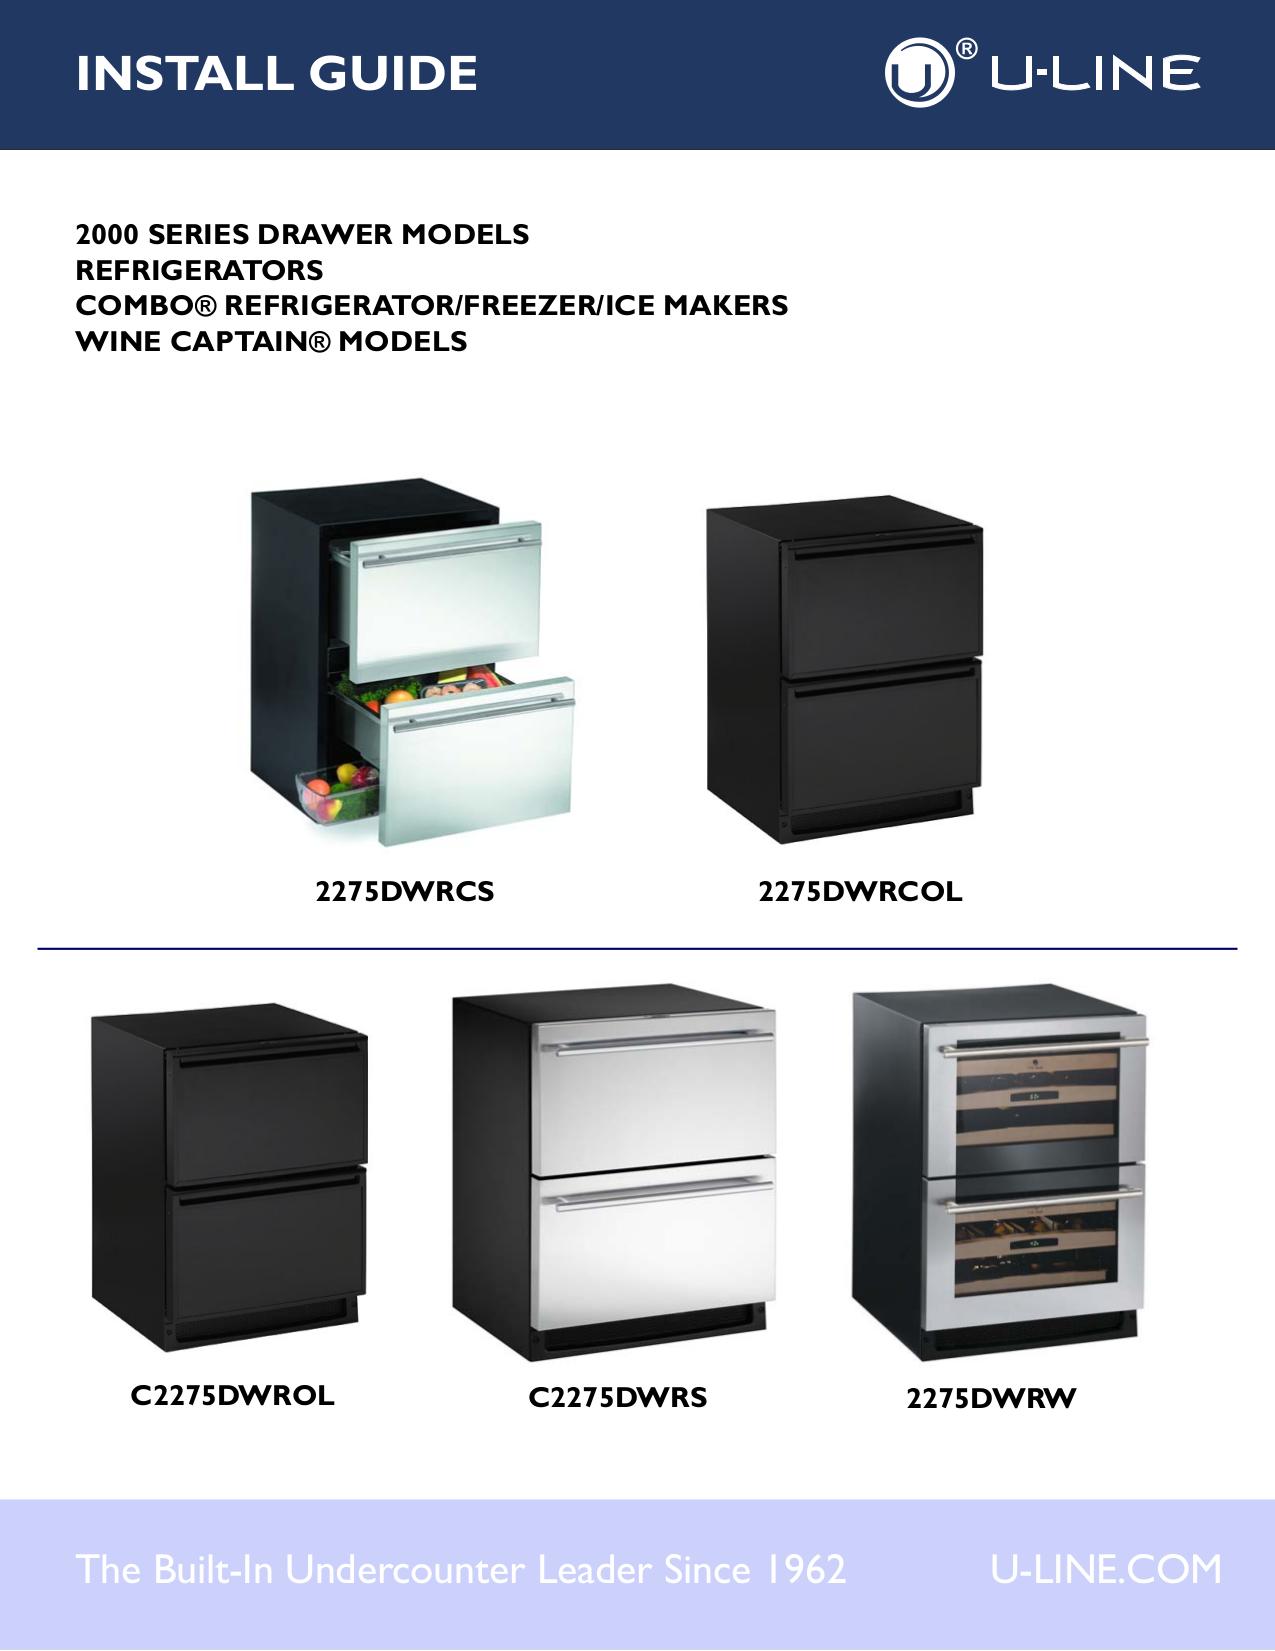 download free pdf for u line 2275dwrcol refrigerator manual rh umlib com u-line refrigerator service manual u-line refrigerator service manual